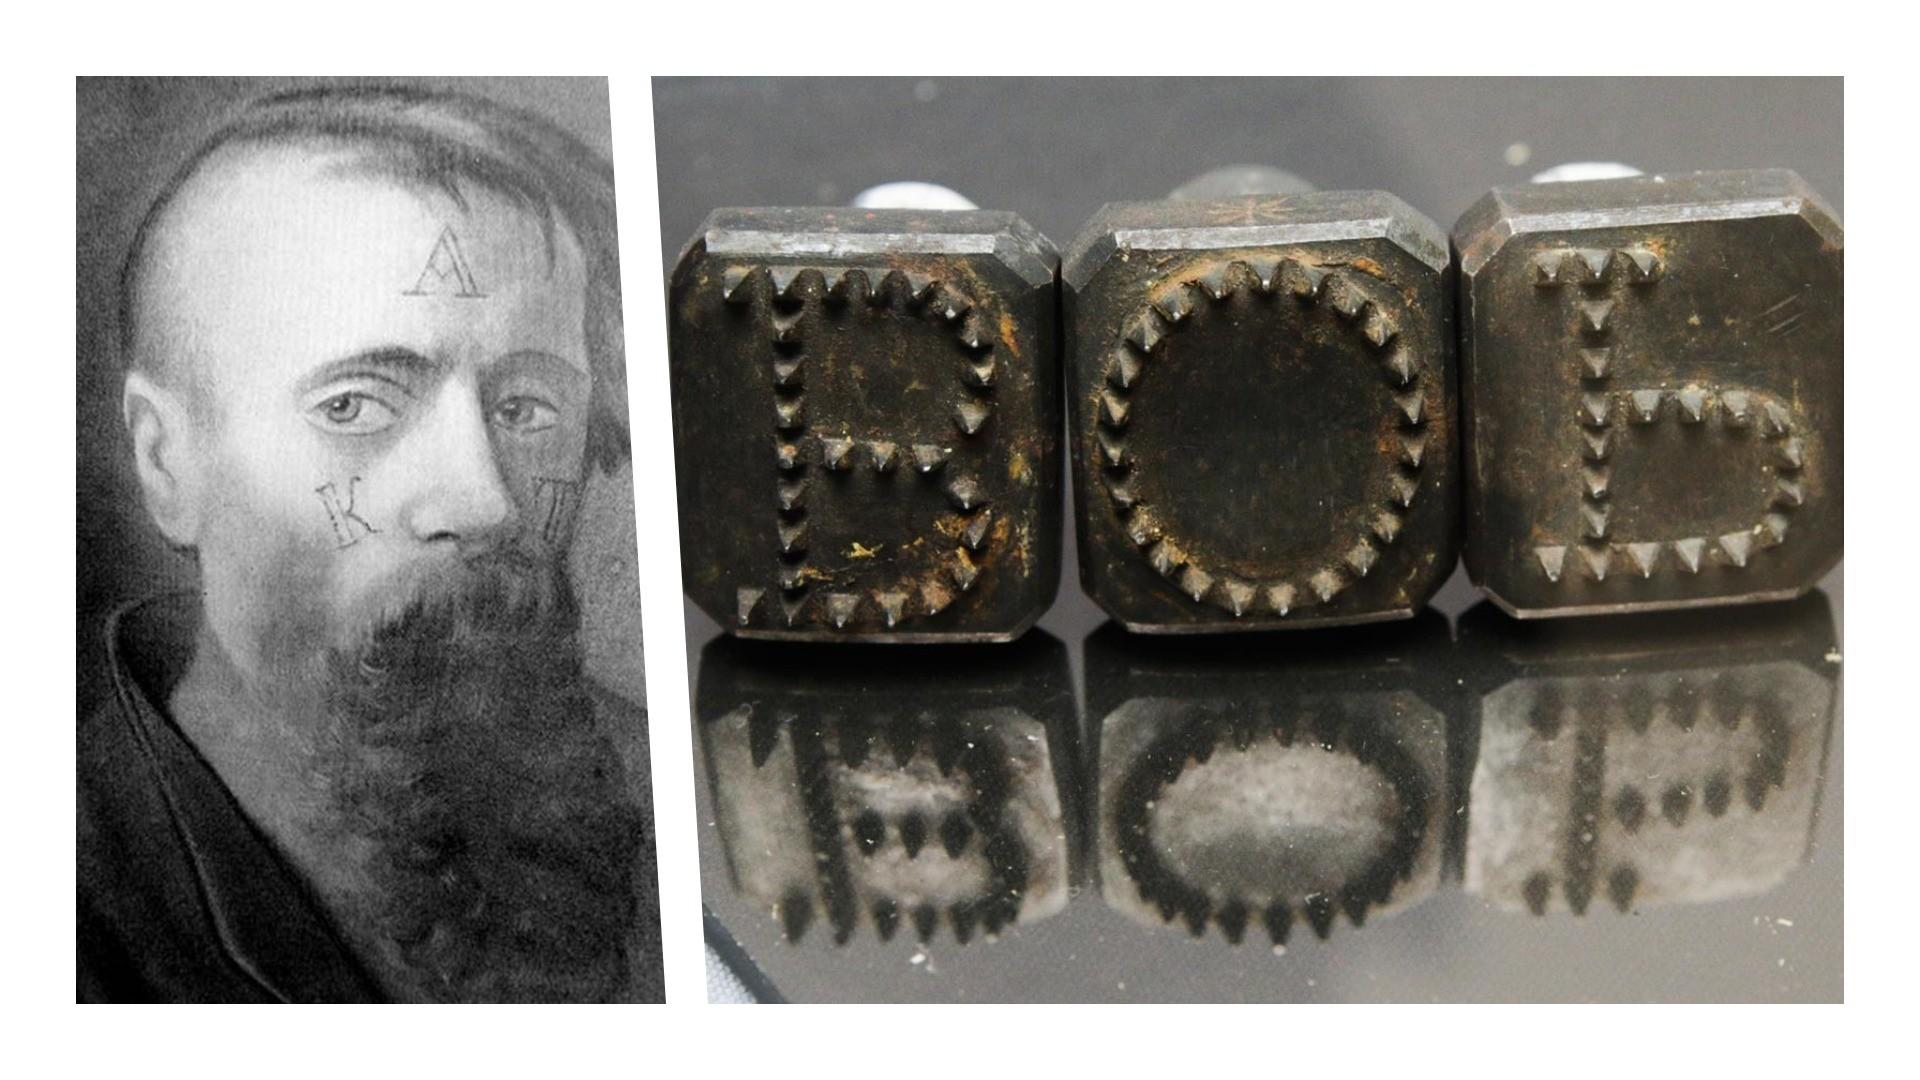 Lo strumento utilizzato all'inizio del XIX secolo per eseguire le marchiature a fuoco sul volto dei detenuti